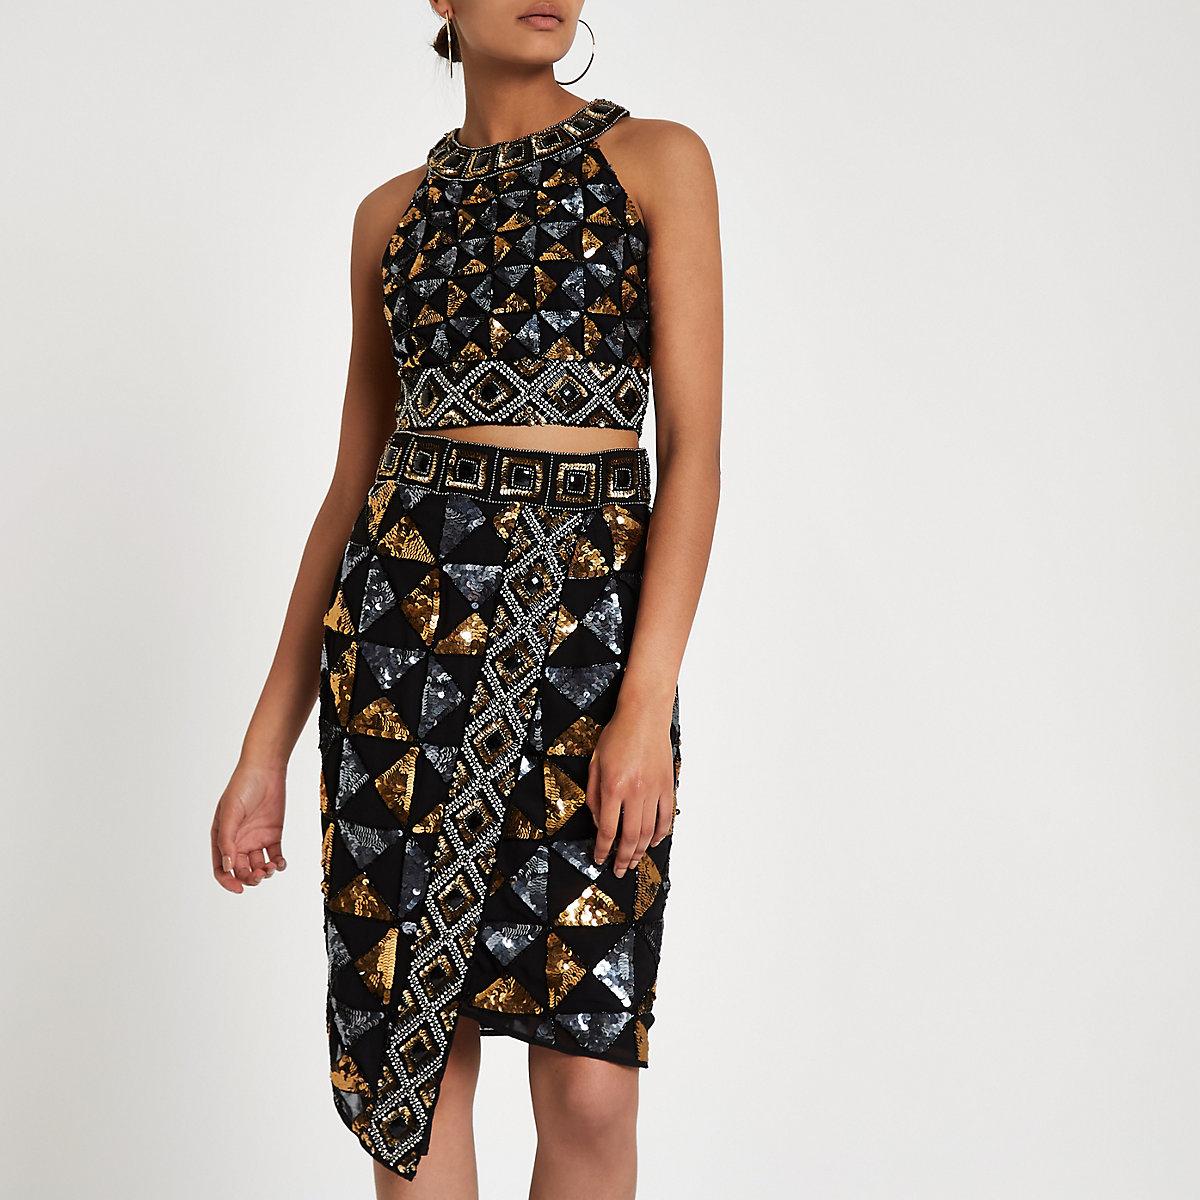 8c9dec397de7d Jupe crayon noire à motifs géométriques ornée de sequins - Jupes ...